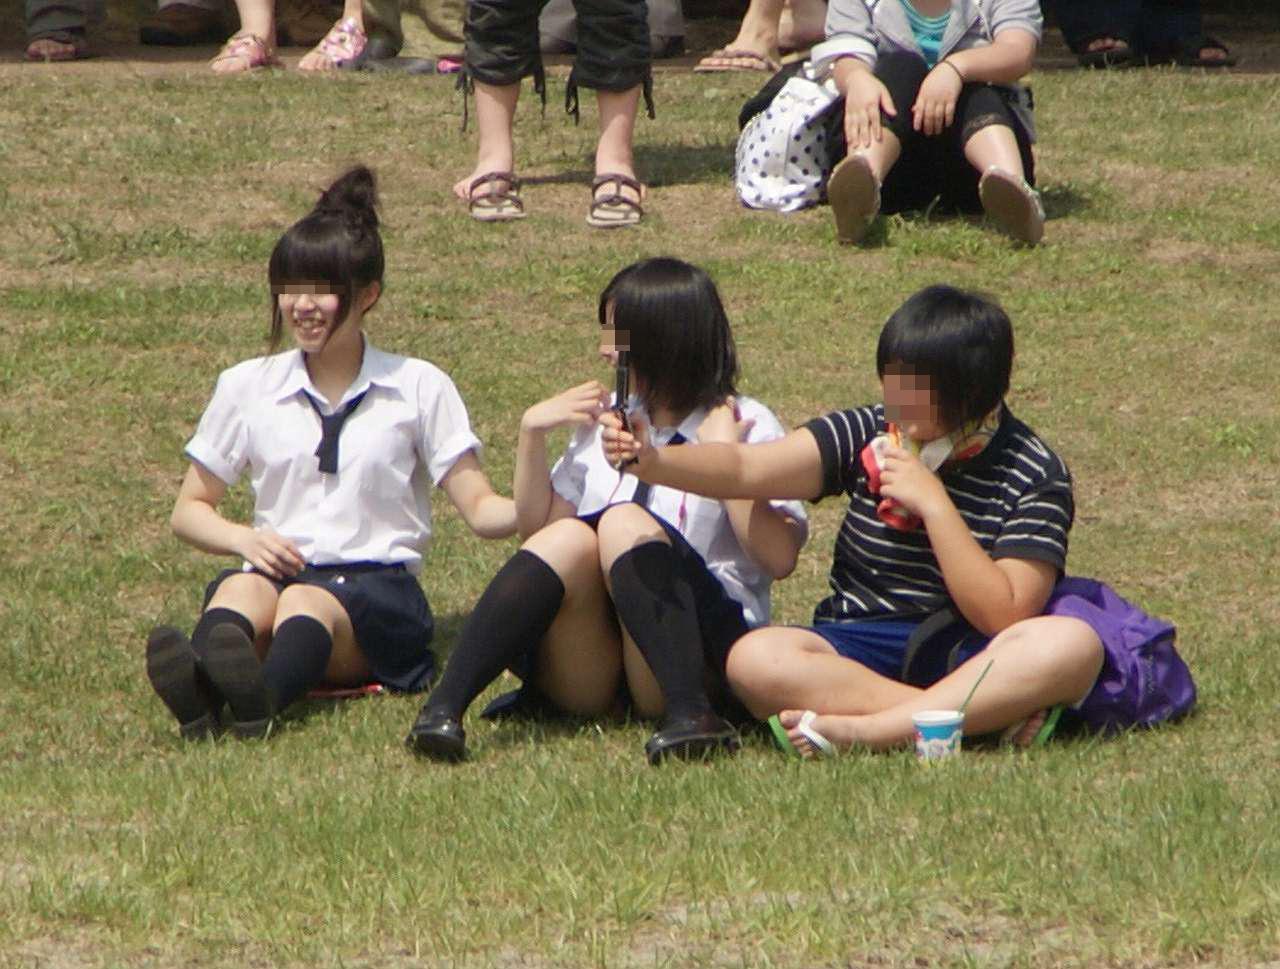 芝生の上でパンチラしてる女子校生を見つけて盗撮!